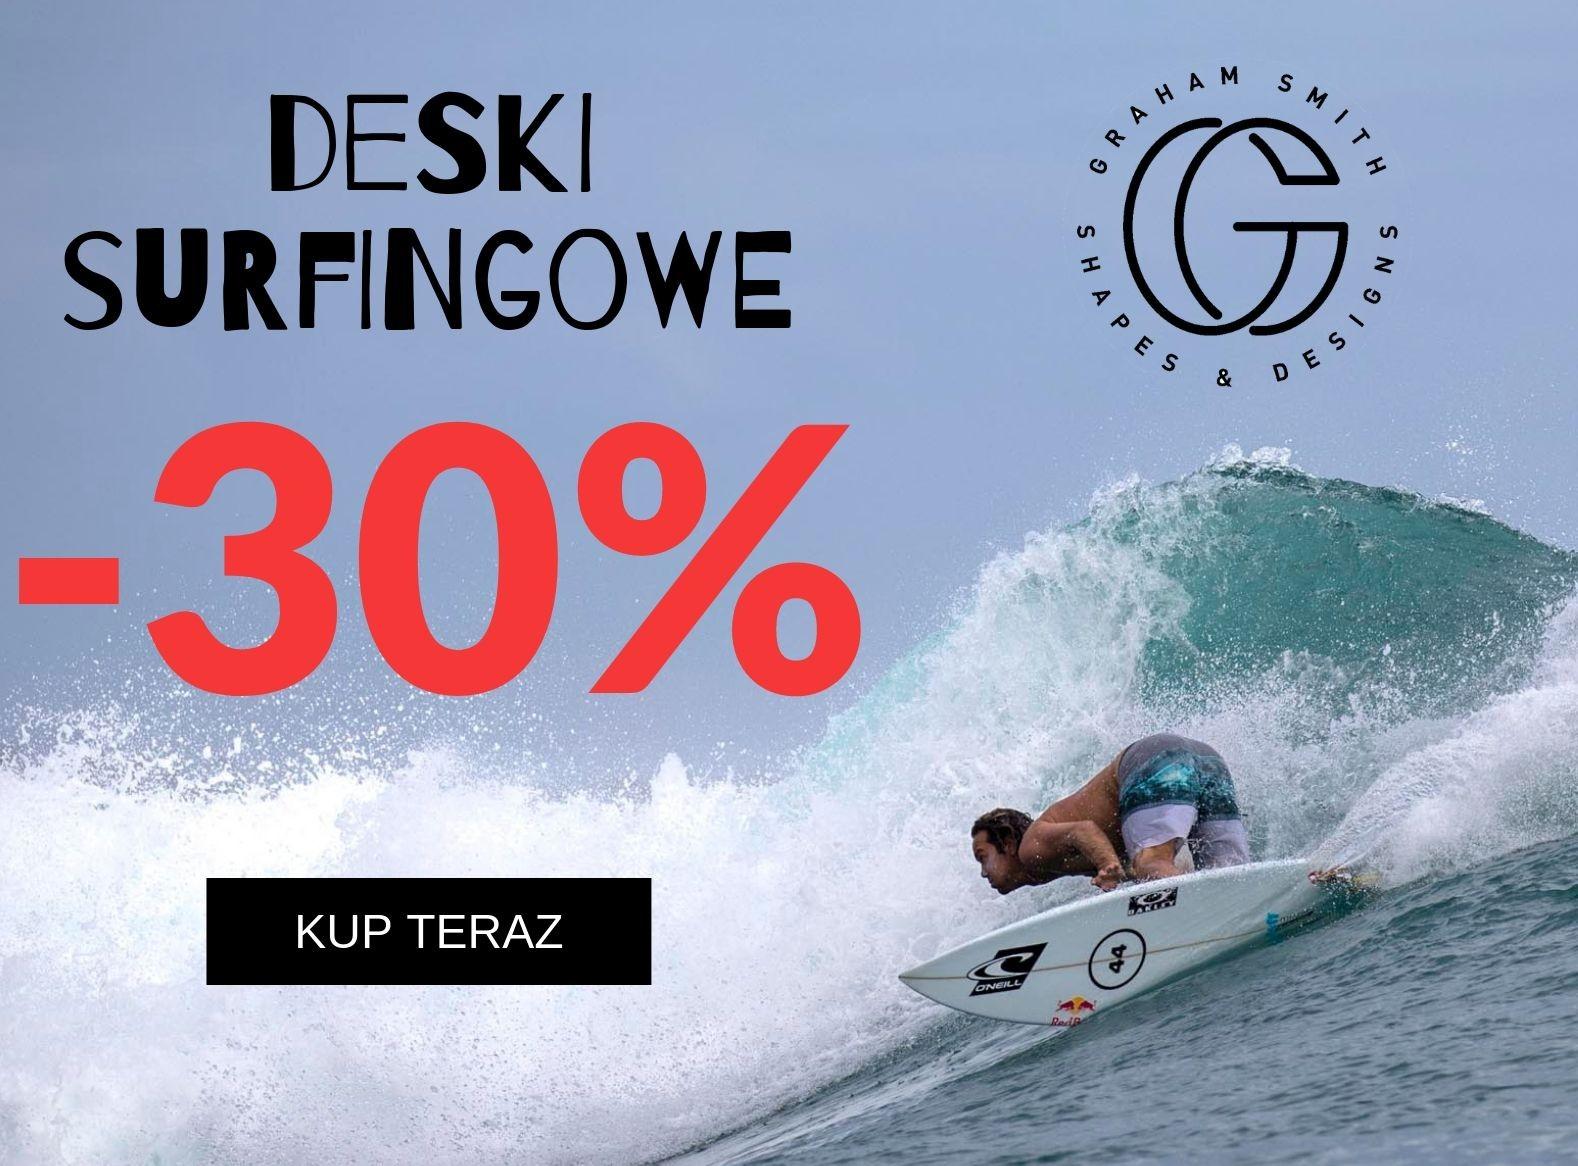 WYprzedaż deski surfingowe